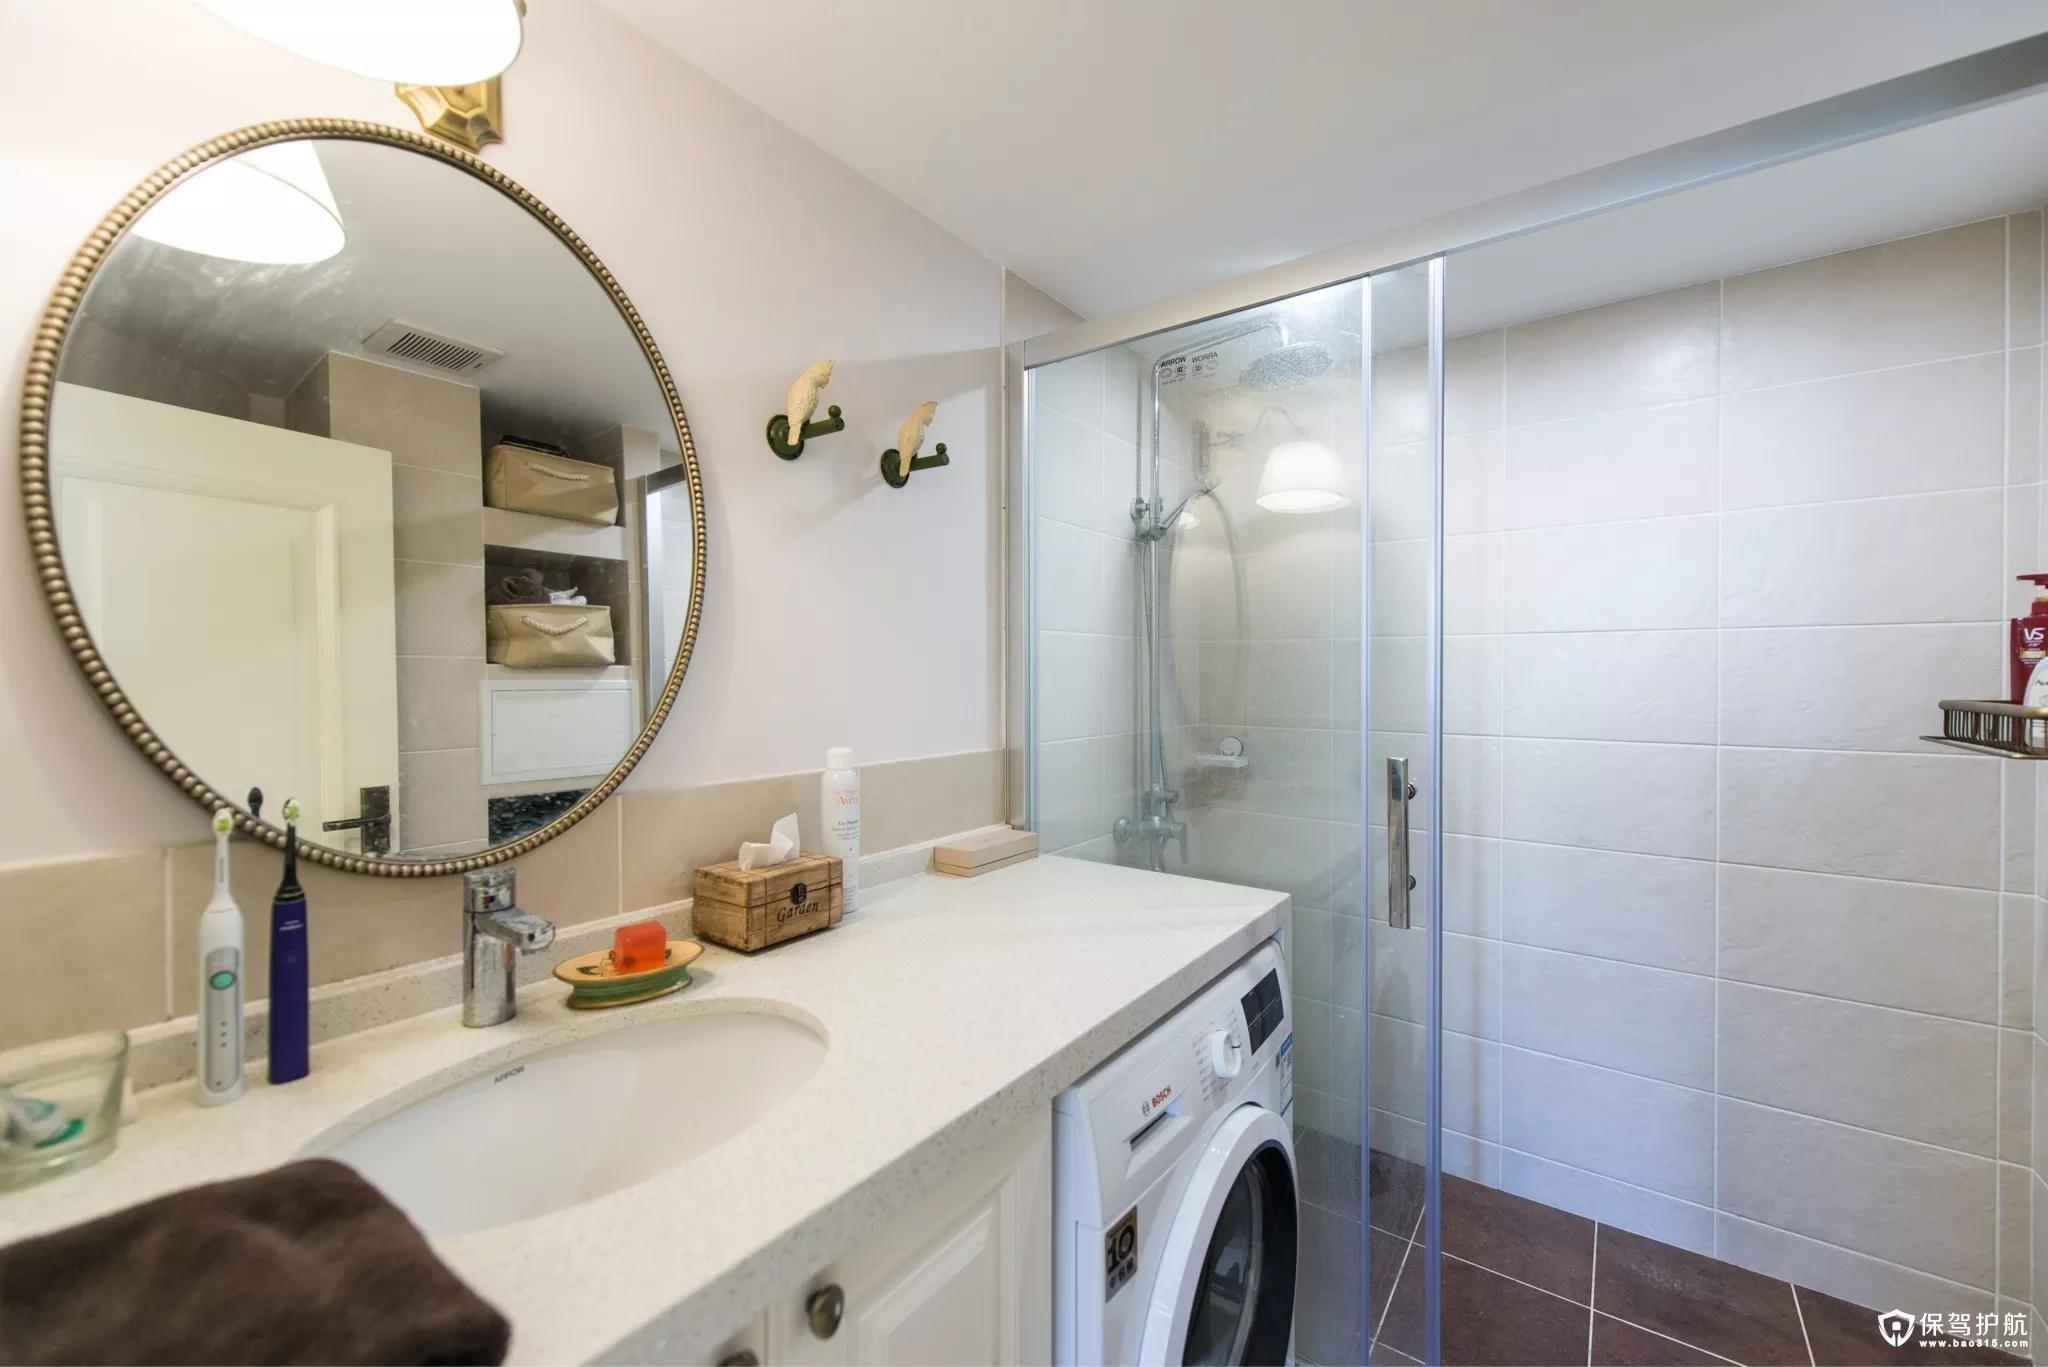 小小的卫生间的洗手盆纳入了收纳洗衣,明亮温馨的淋浴房结合圆形的镜子,显示出一种复古与时尚的高档。